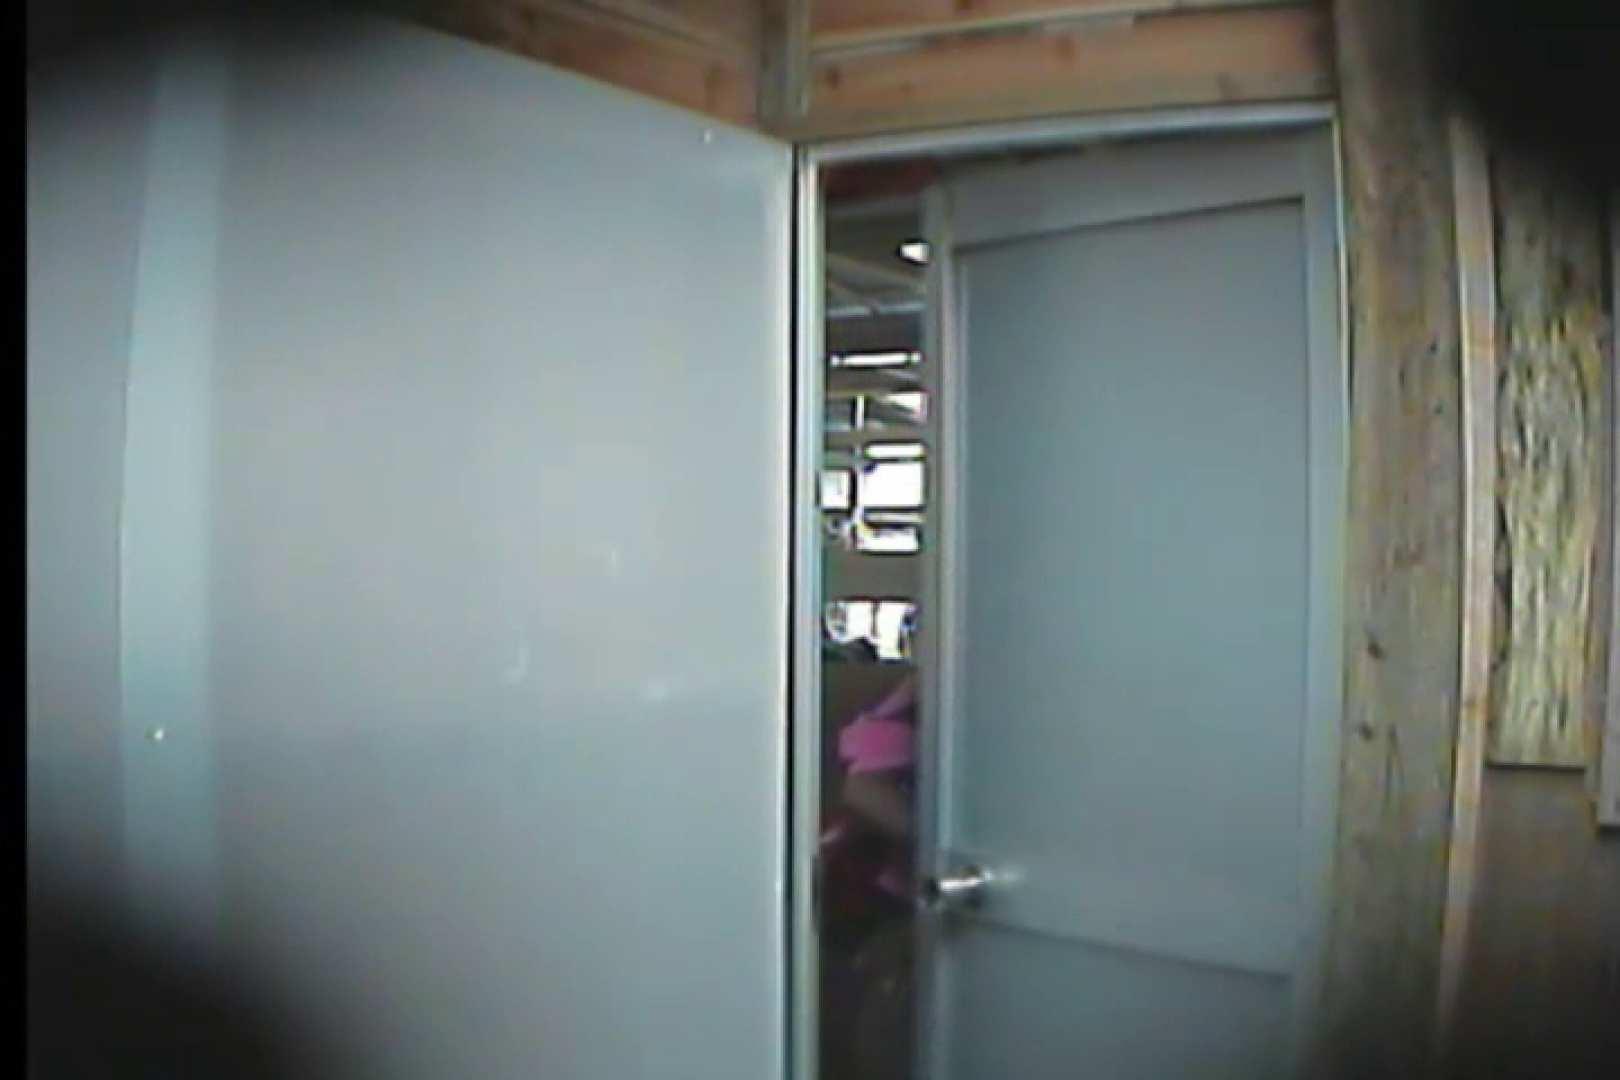 海の家の更衣室 Vol.20 日焼けした女たち 性交動画流出 100画像 23